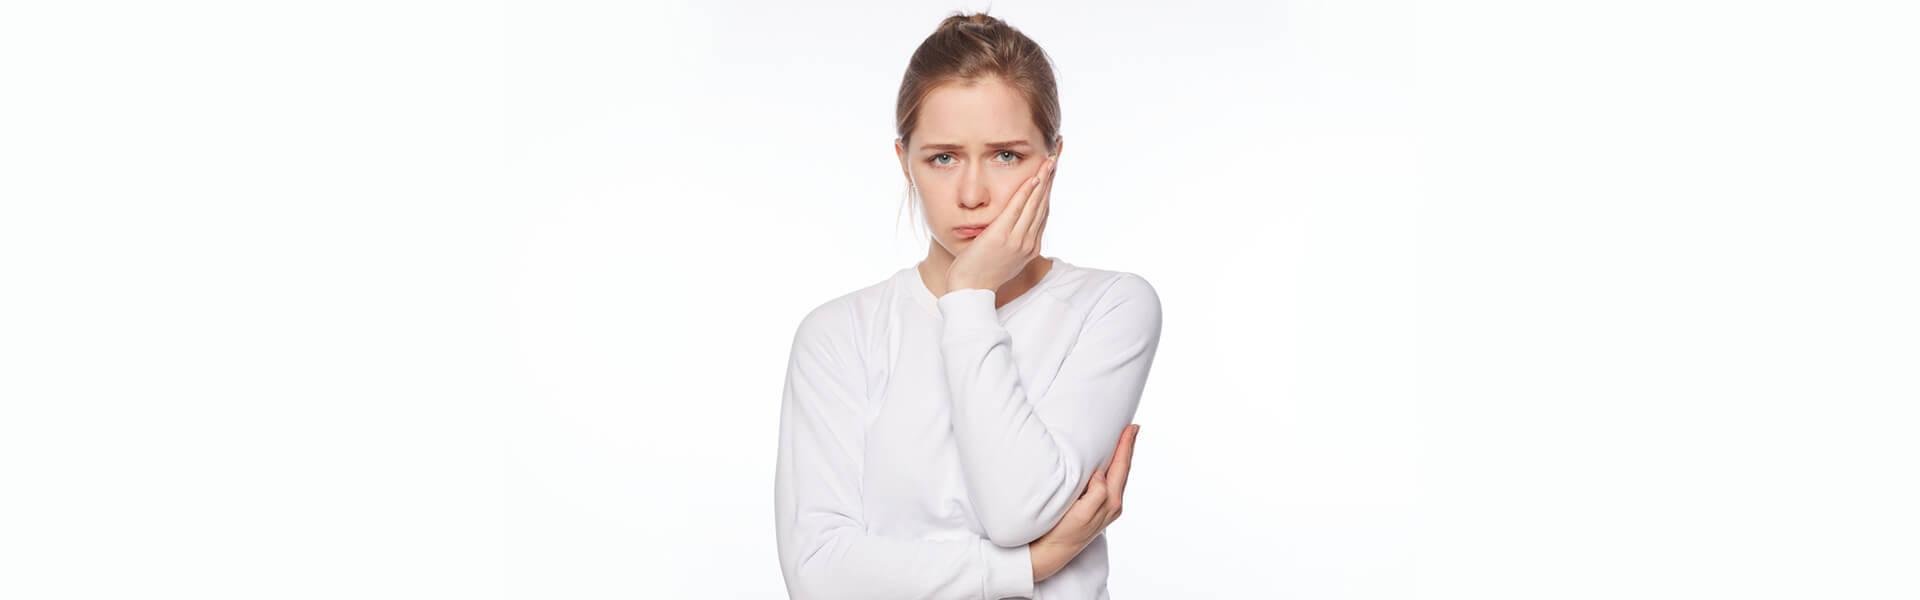 Woman having Pain in Teeth